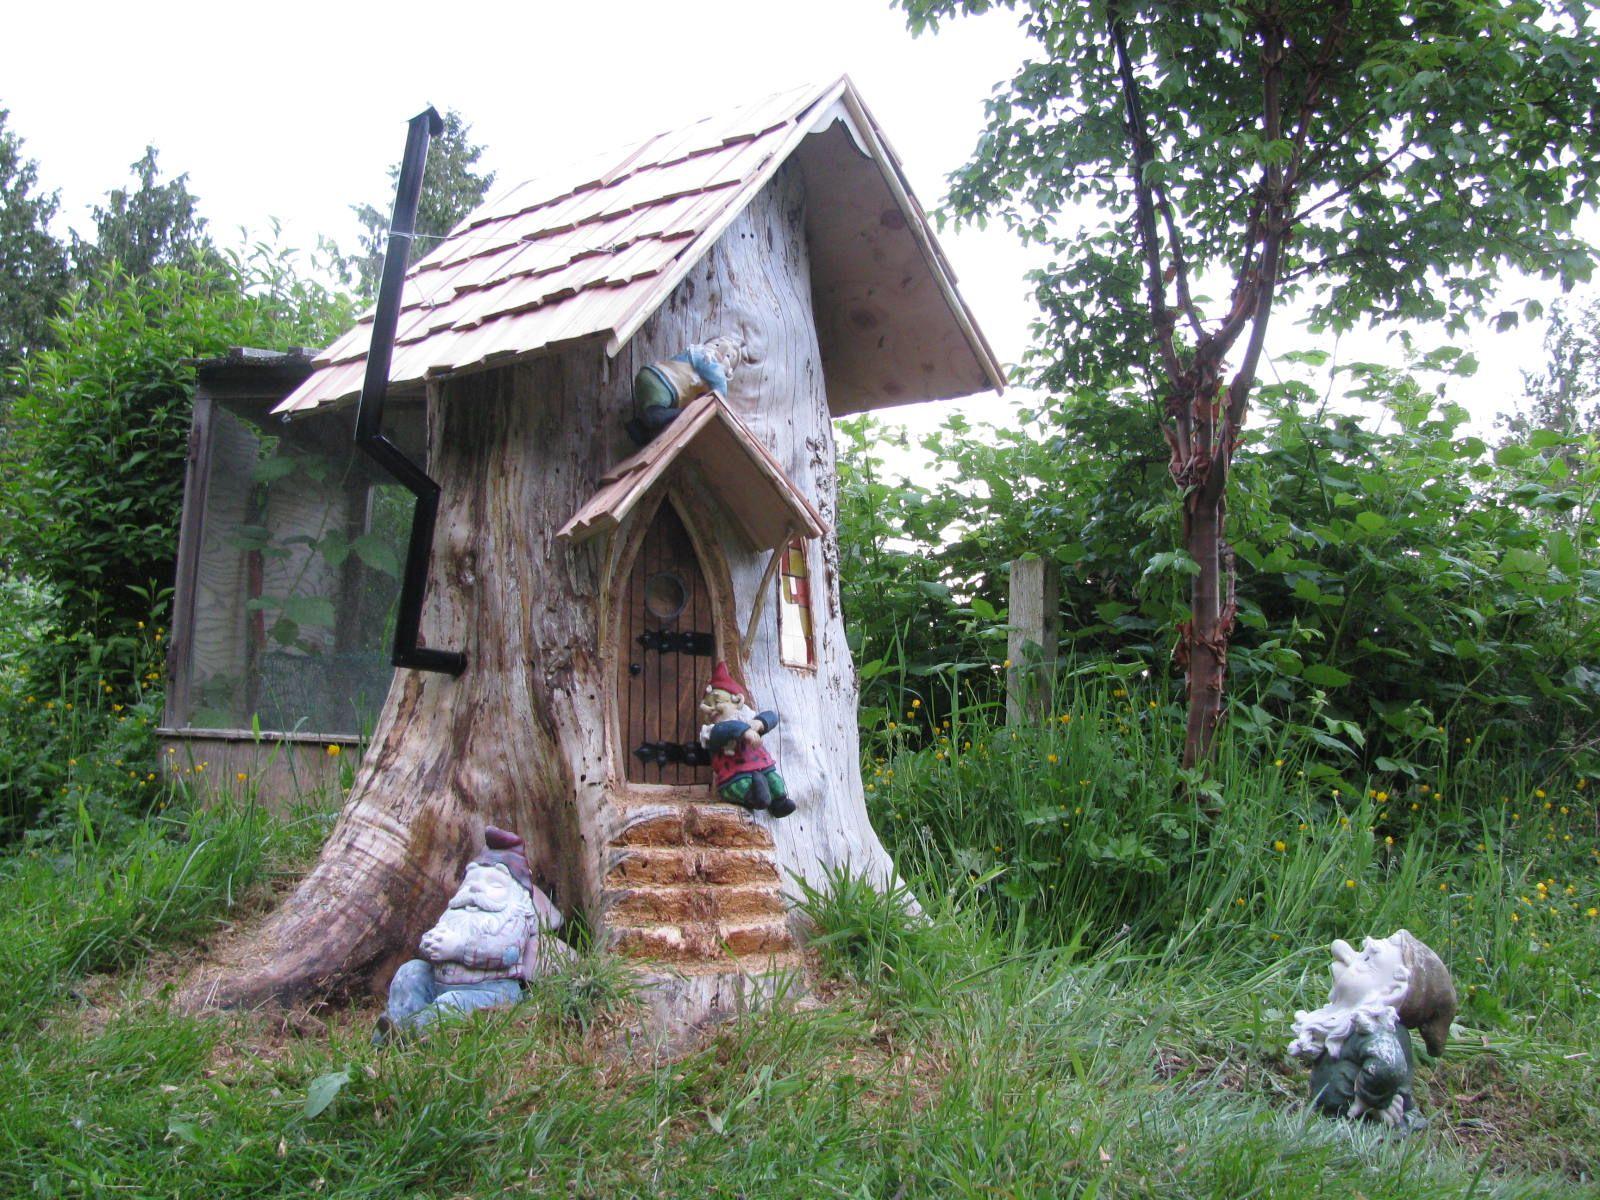 Gnome Tree Stump Home: Gnome Stump Home - Creative Ideas